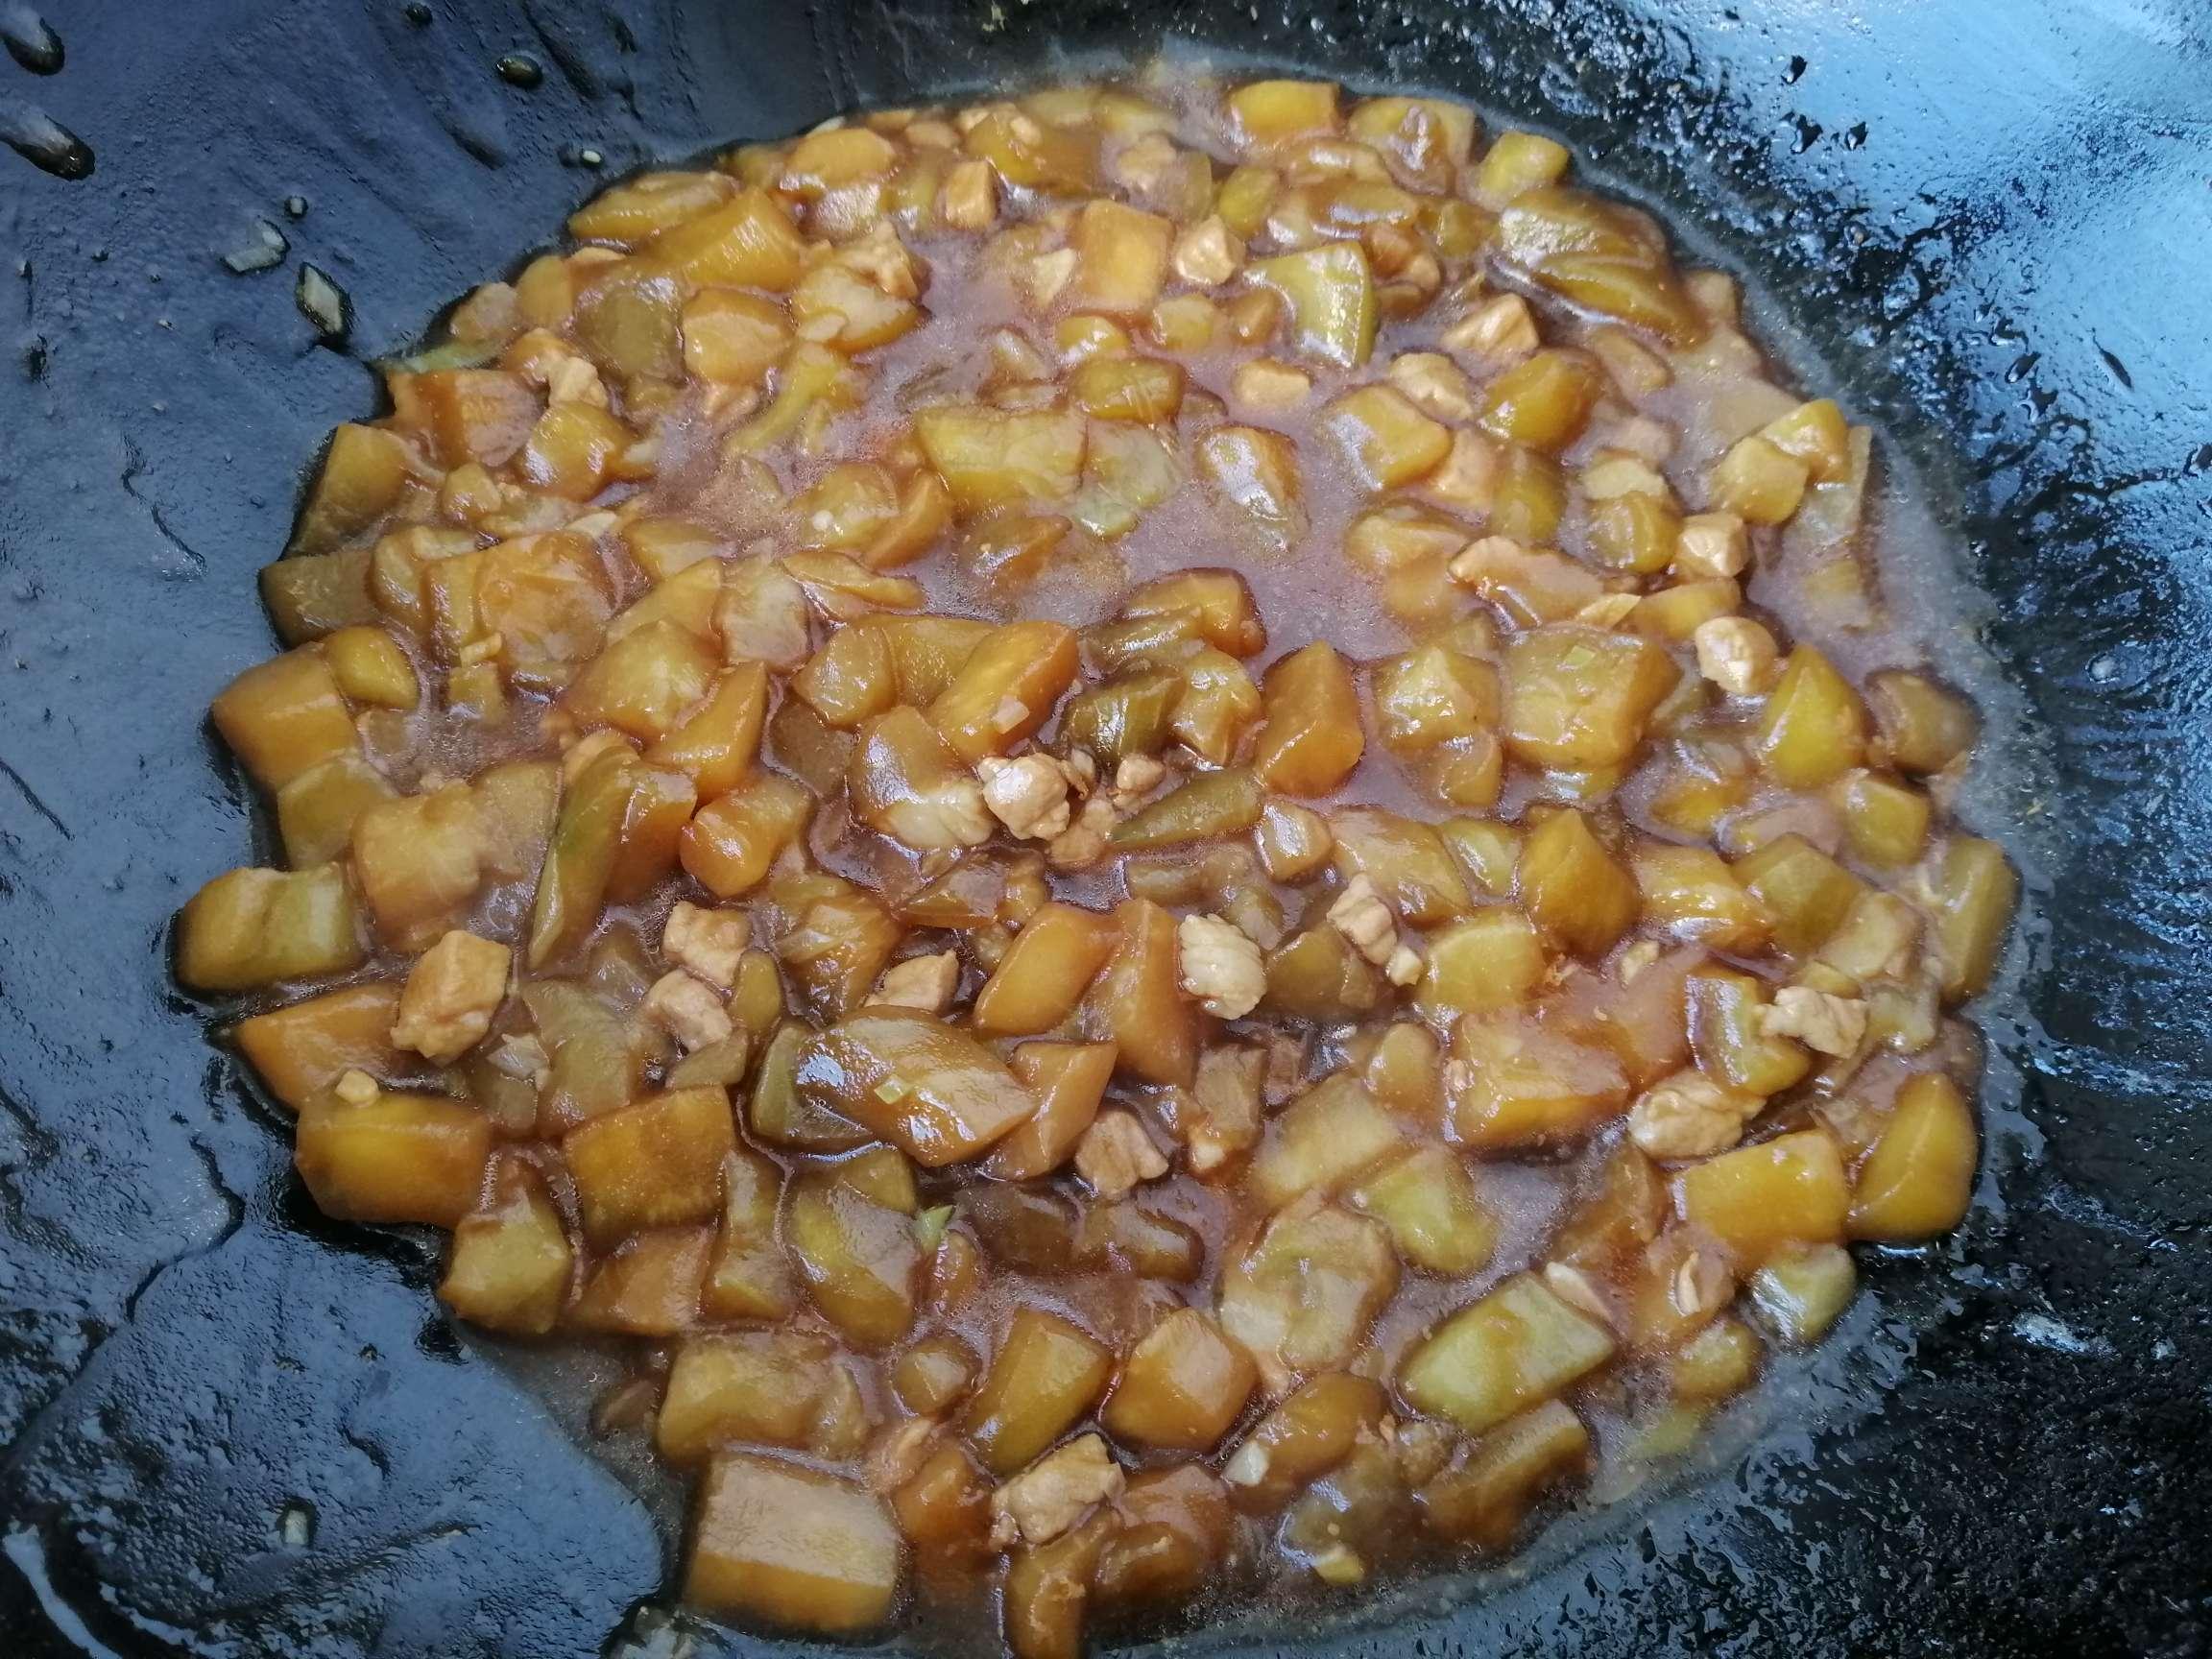 茄子肉丁盖浇饭的步骤